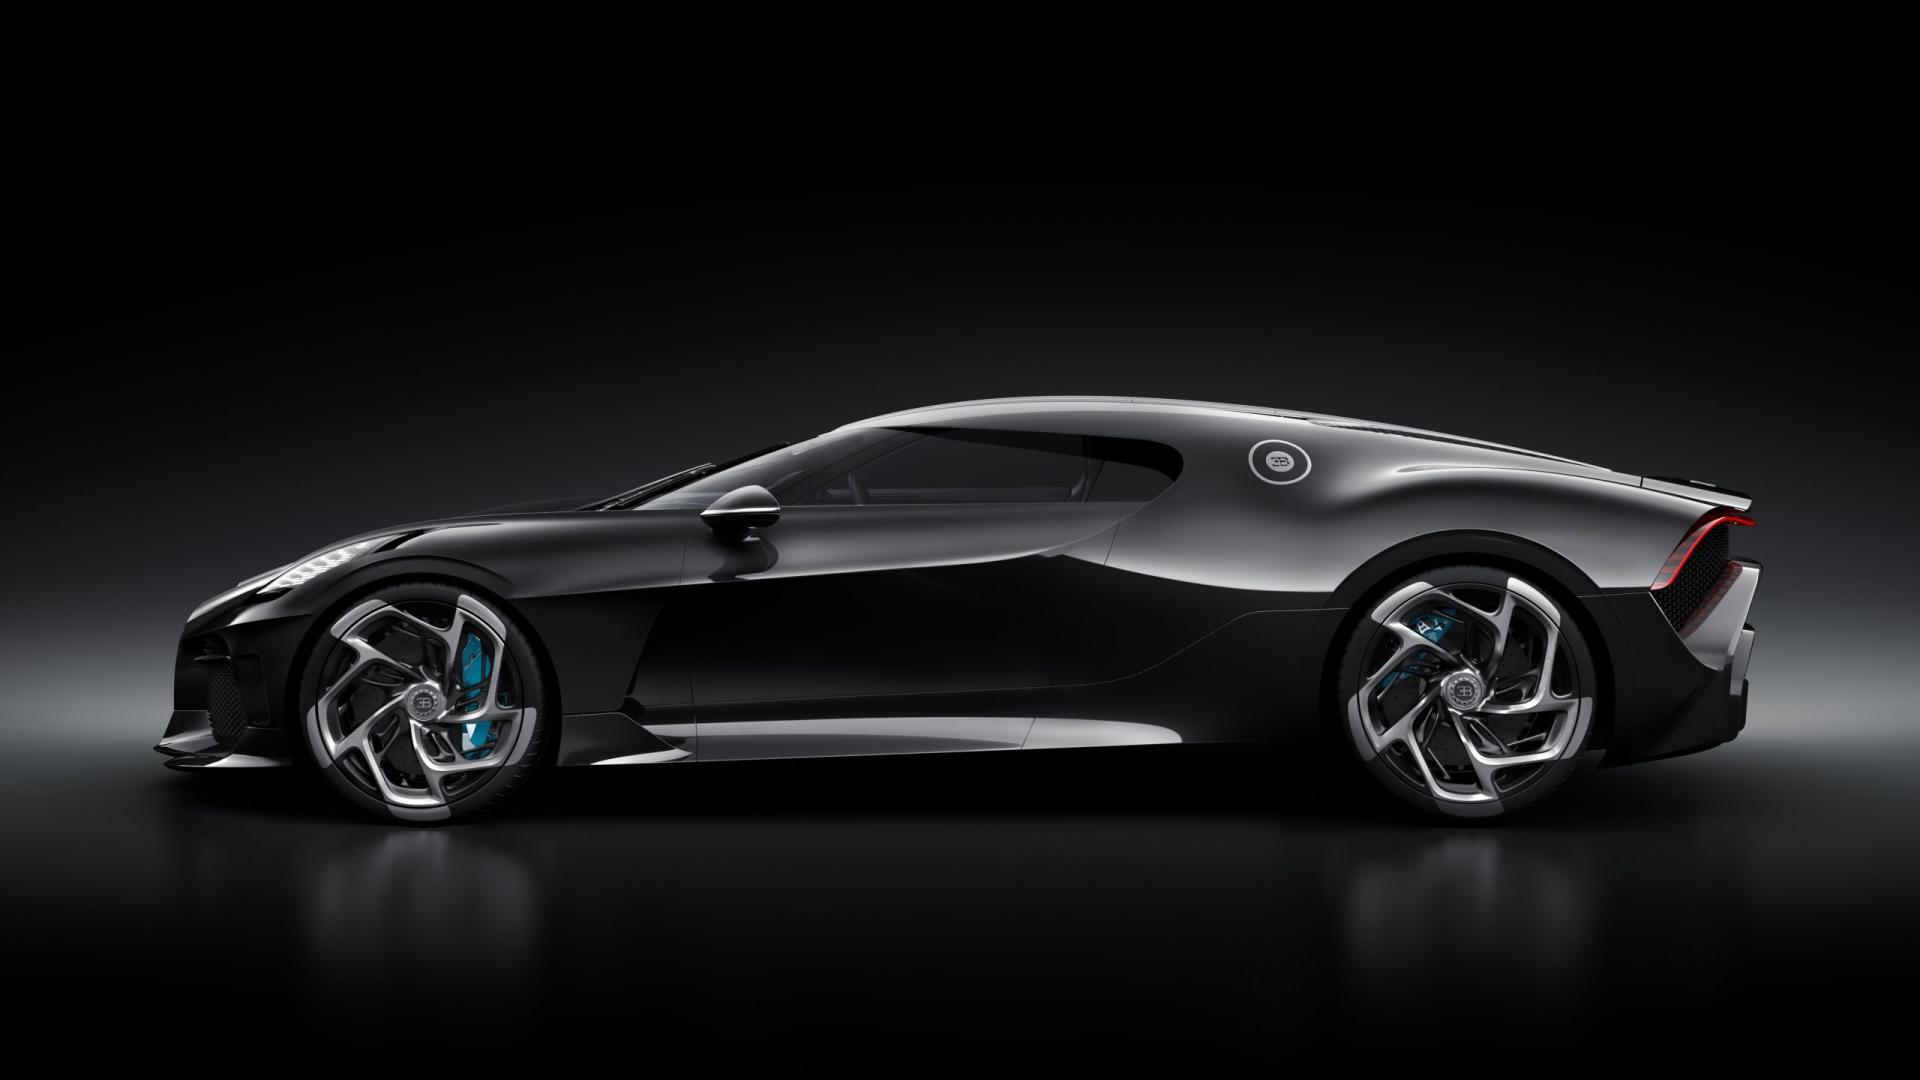 La Voiture Noire Bugatti